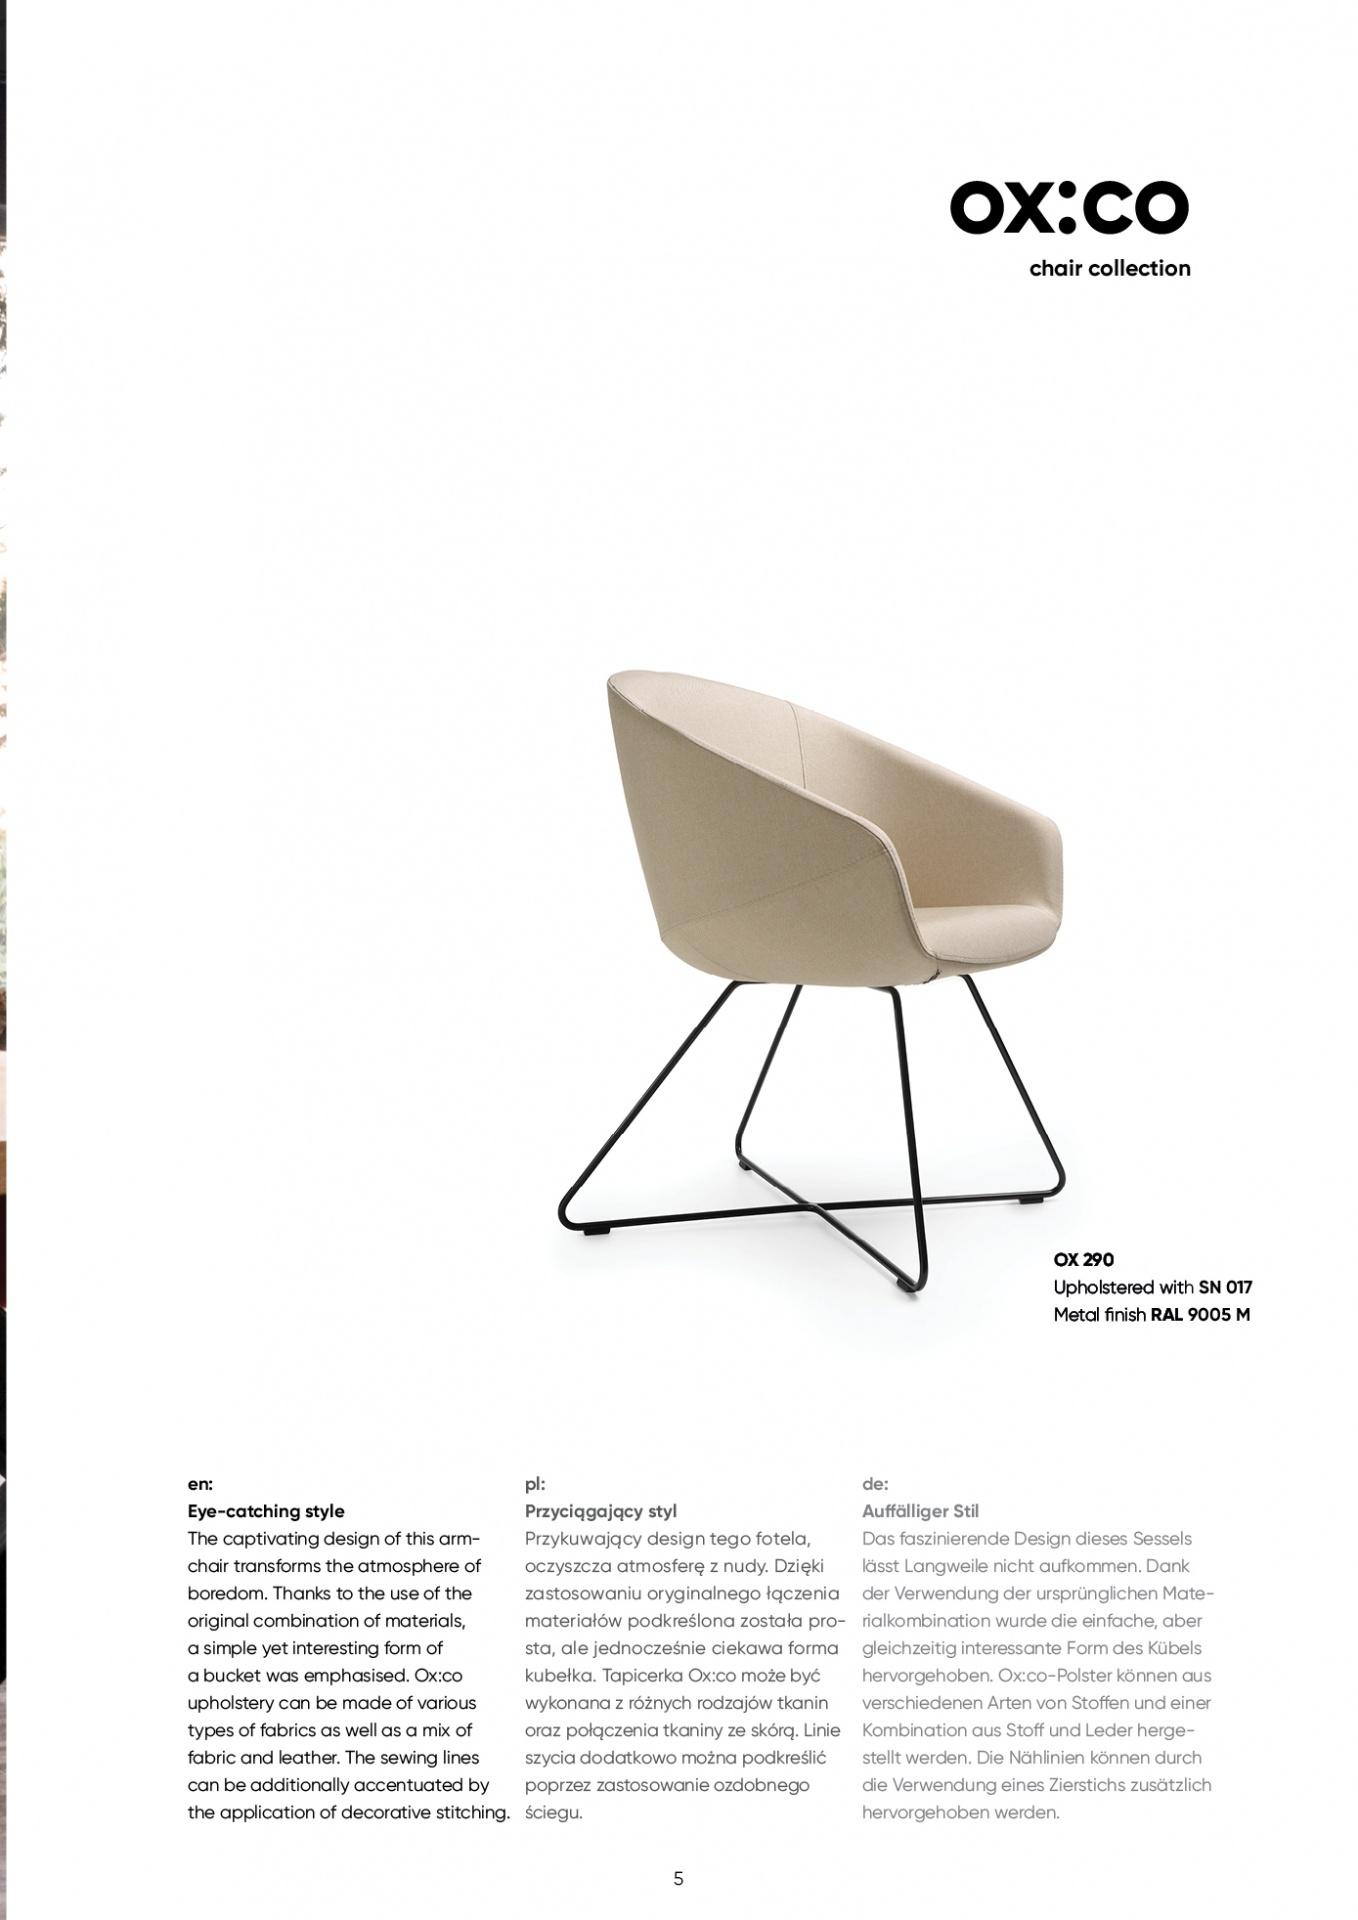 oxco-catalogue-5.jpg